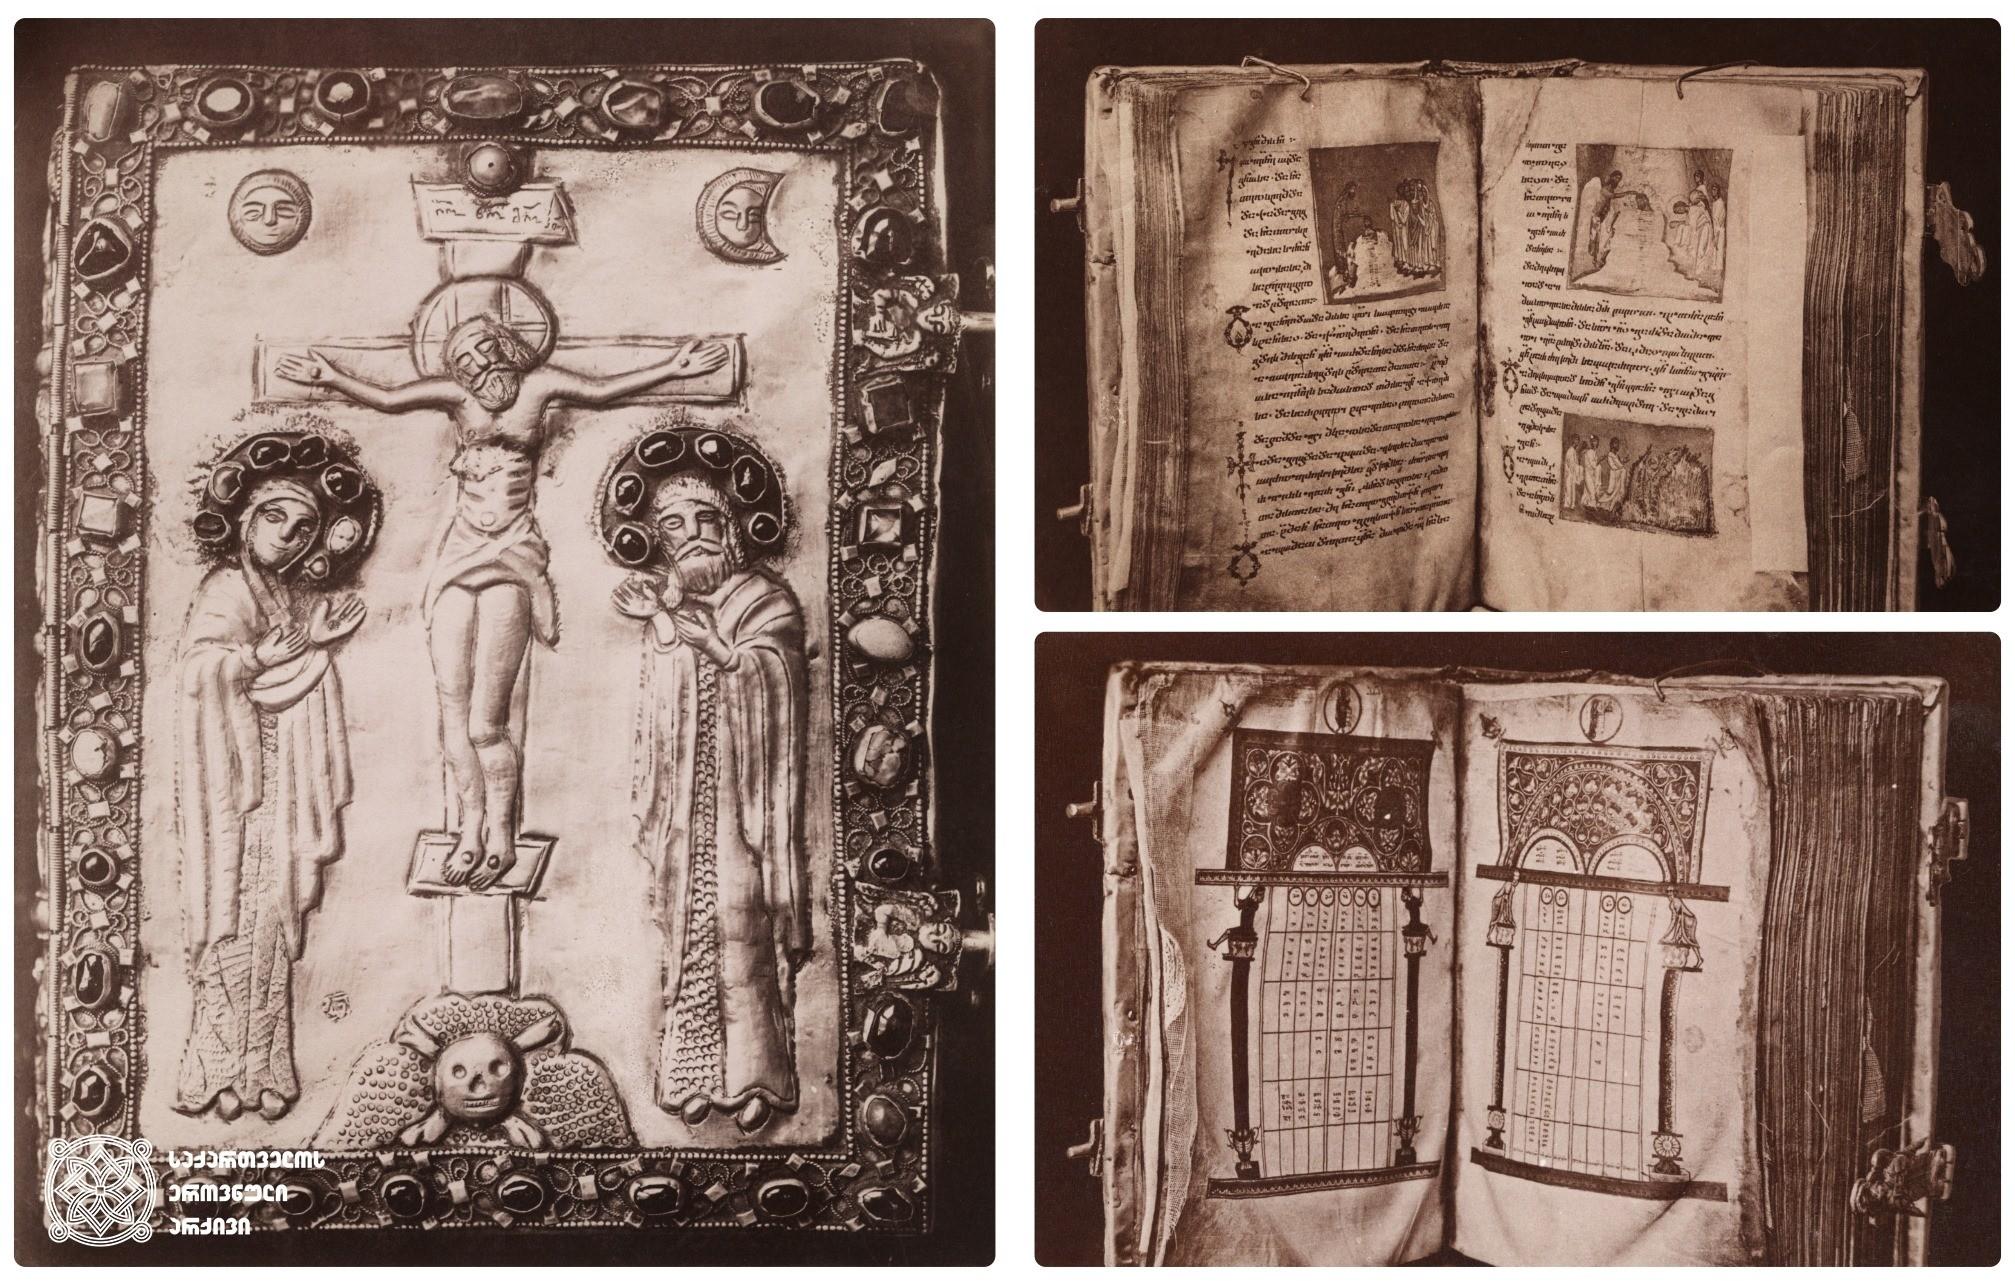 გელათის ოთხთავი; ფოტოები გადაღებულია გურია-სამეგრელოსა და იმერეთში ექვთიმე თაყაიშვილის ექსპედიციისას [1913 წელი] <br> Gelati Four Gospels  Photos are taken during Ekvtime Takaishvili's expedition in Guria-Samegrelo and Imereti [1913]